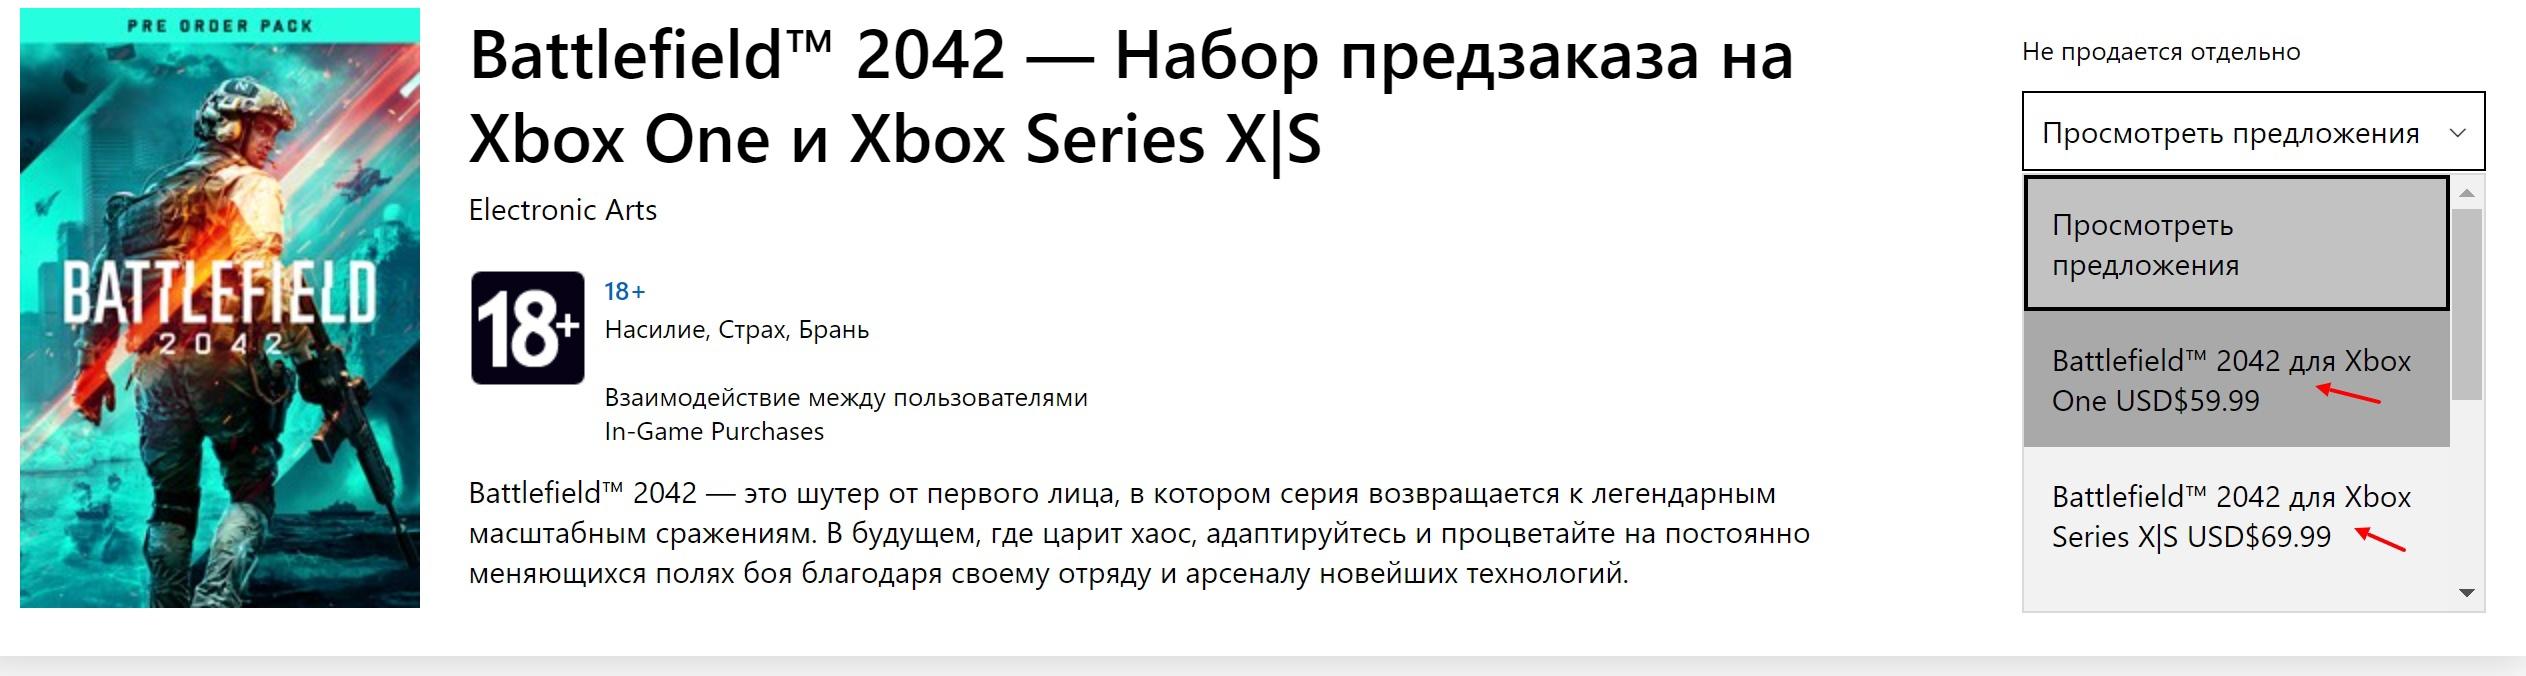 Сейчас в PS Store во многих странах, включая Россию, Battlefield 2042 для PS5 продают дешевле, чем должны